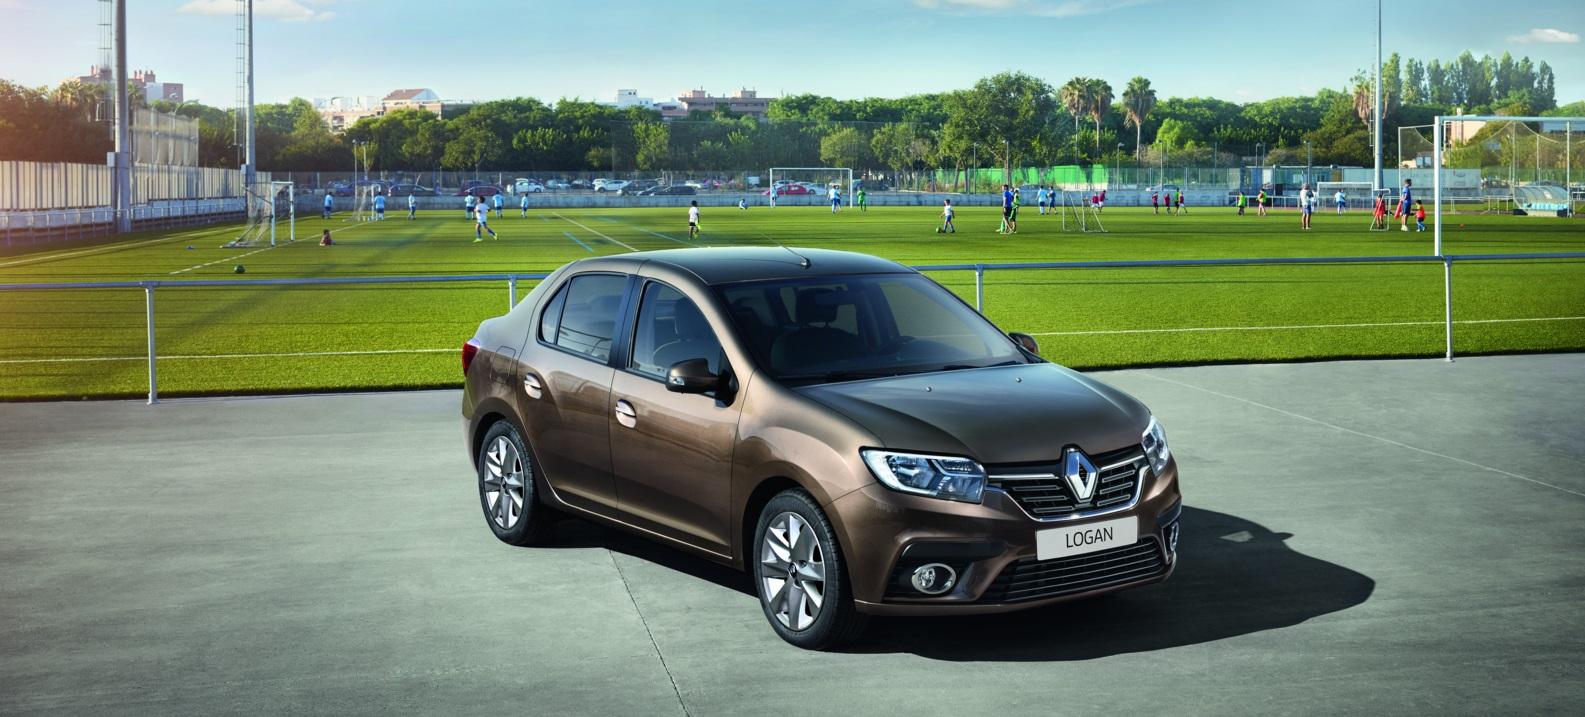 Хорошее предложение на автомобили RENAULT LOGAN в Автобан